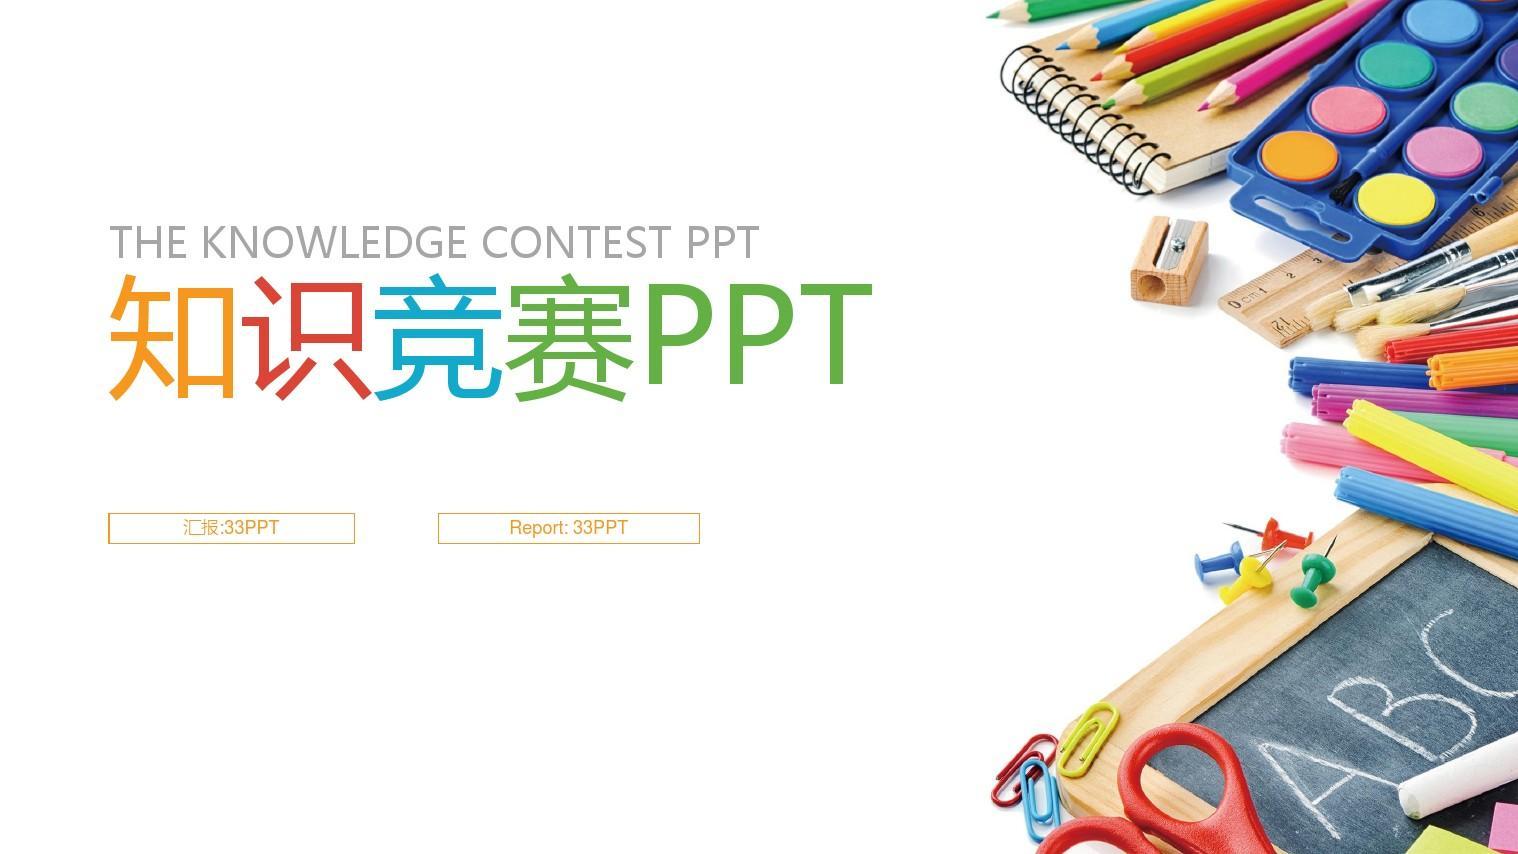 知识竞赛PPT模版